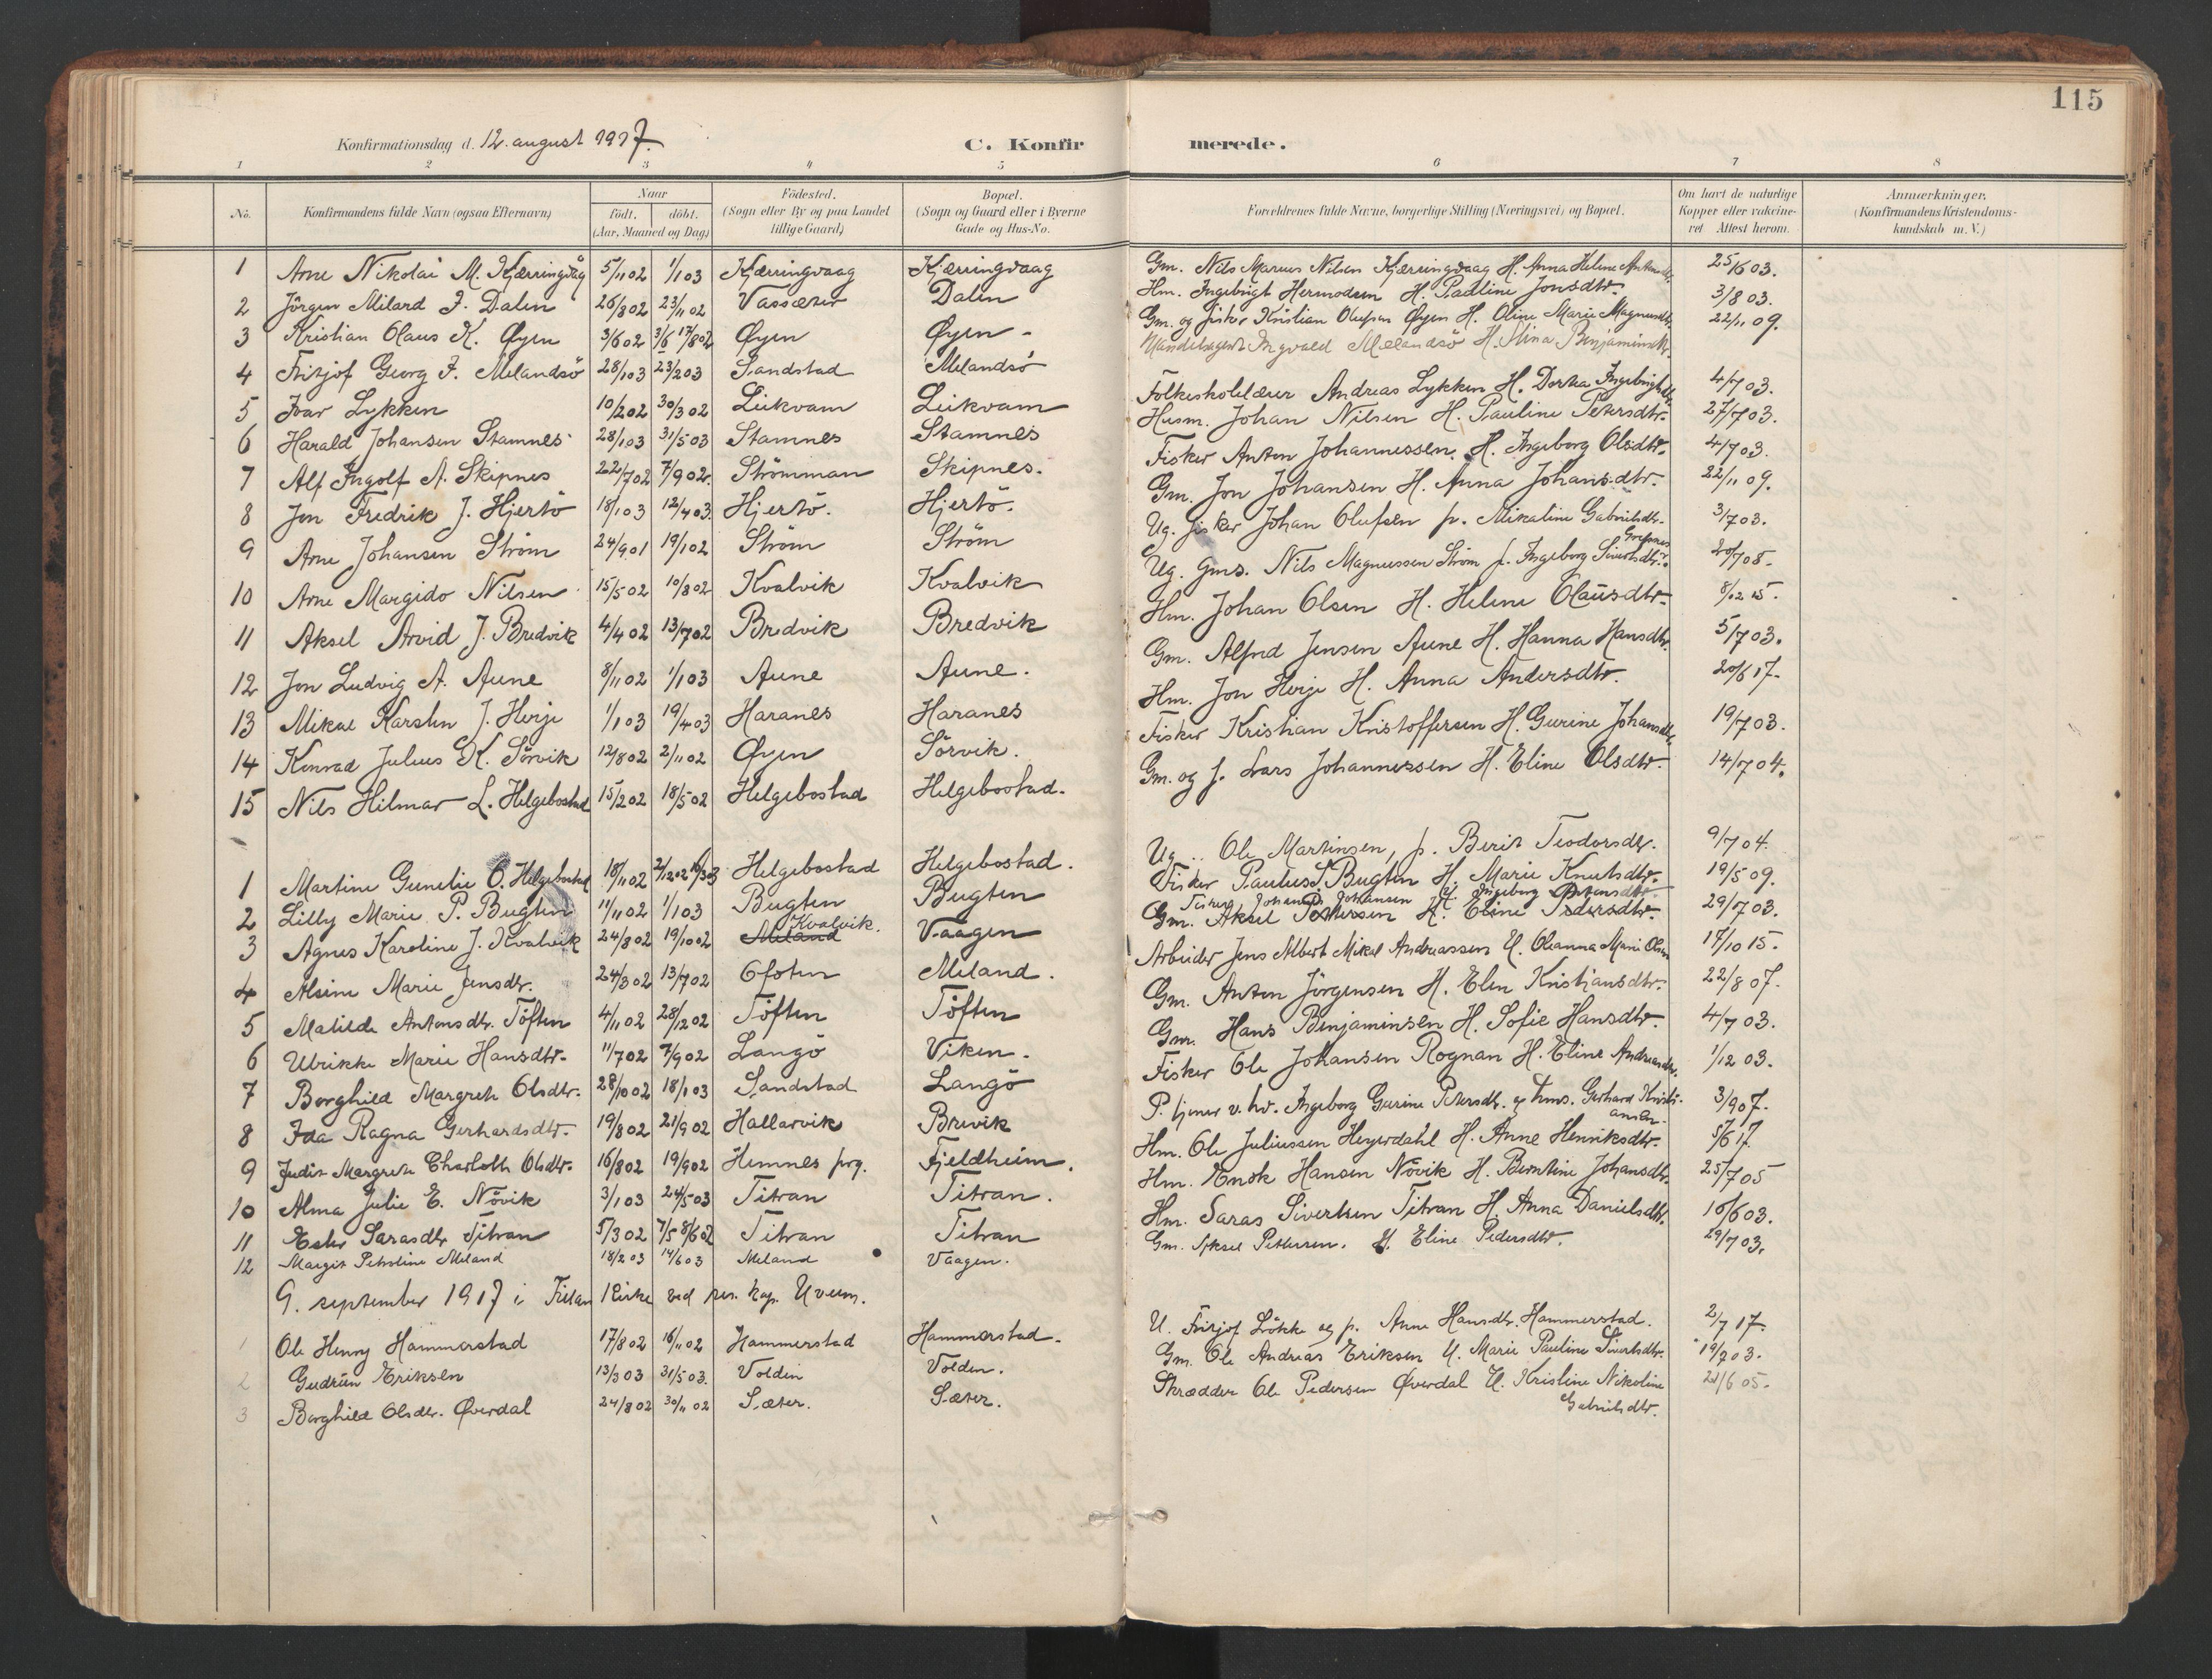 SAT, Ministerialprotokoller, klokkerbøker og fødselsregistre - Sør-Trøndelag, 634/L0537: Ministerialbok nr. 634A13, 1896-1922, s. 115